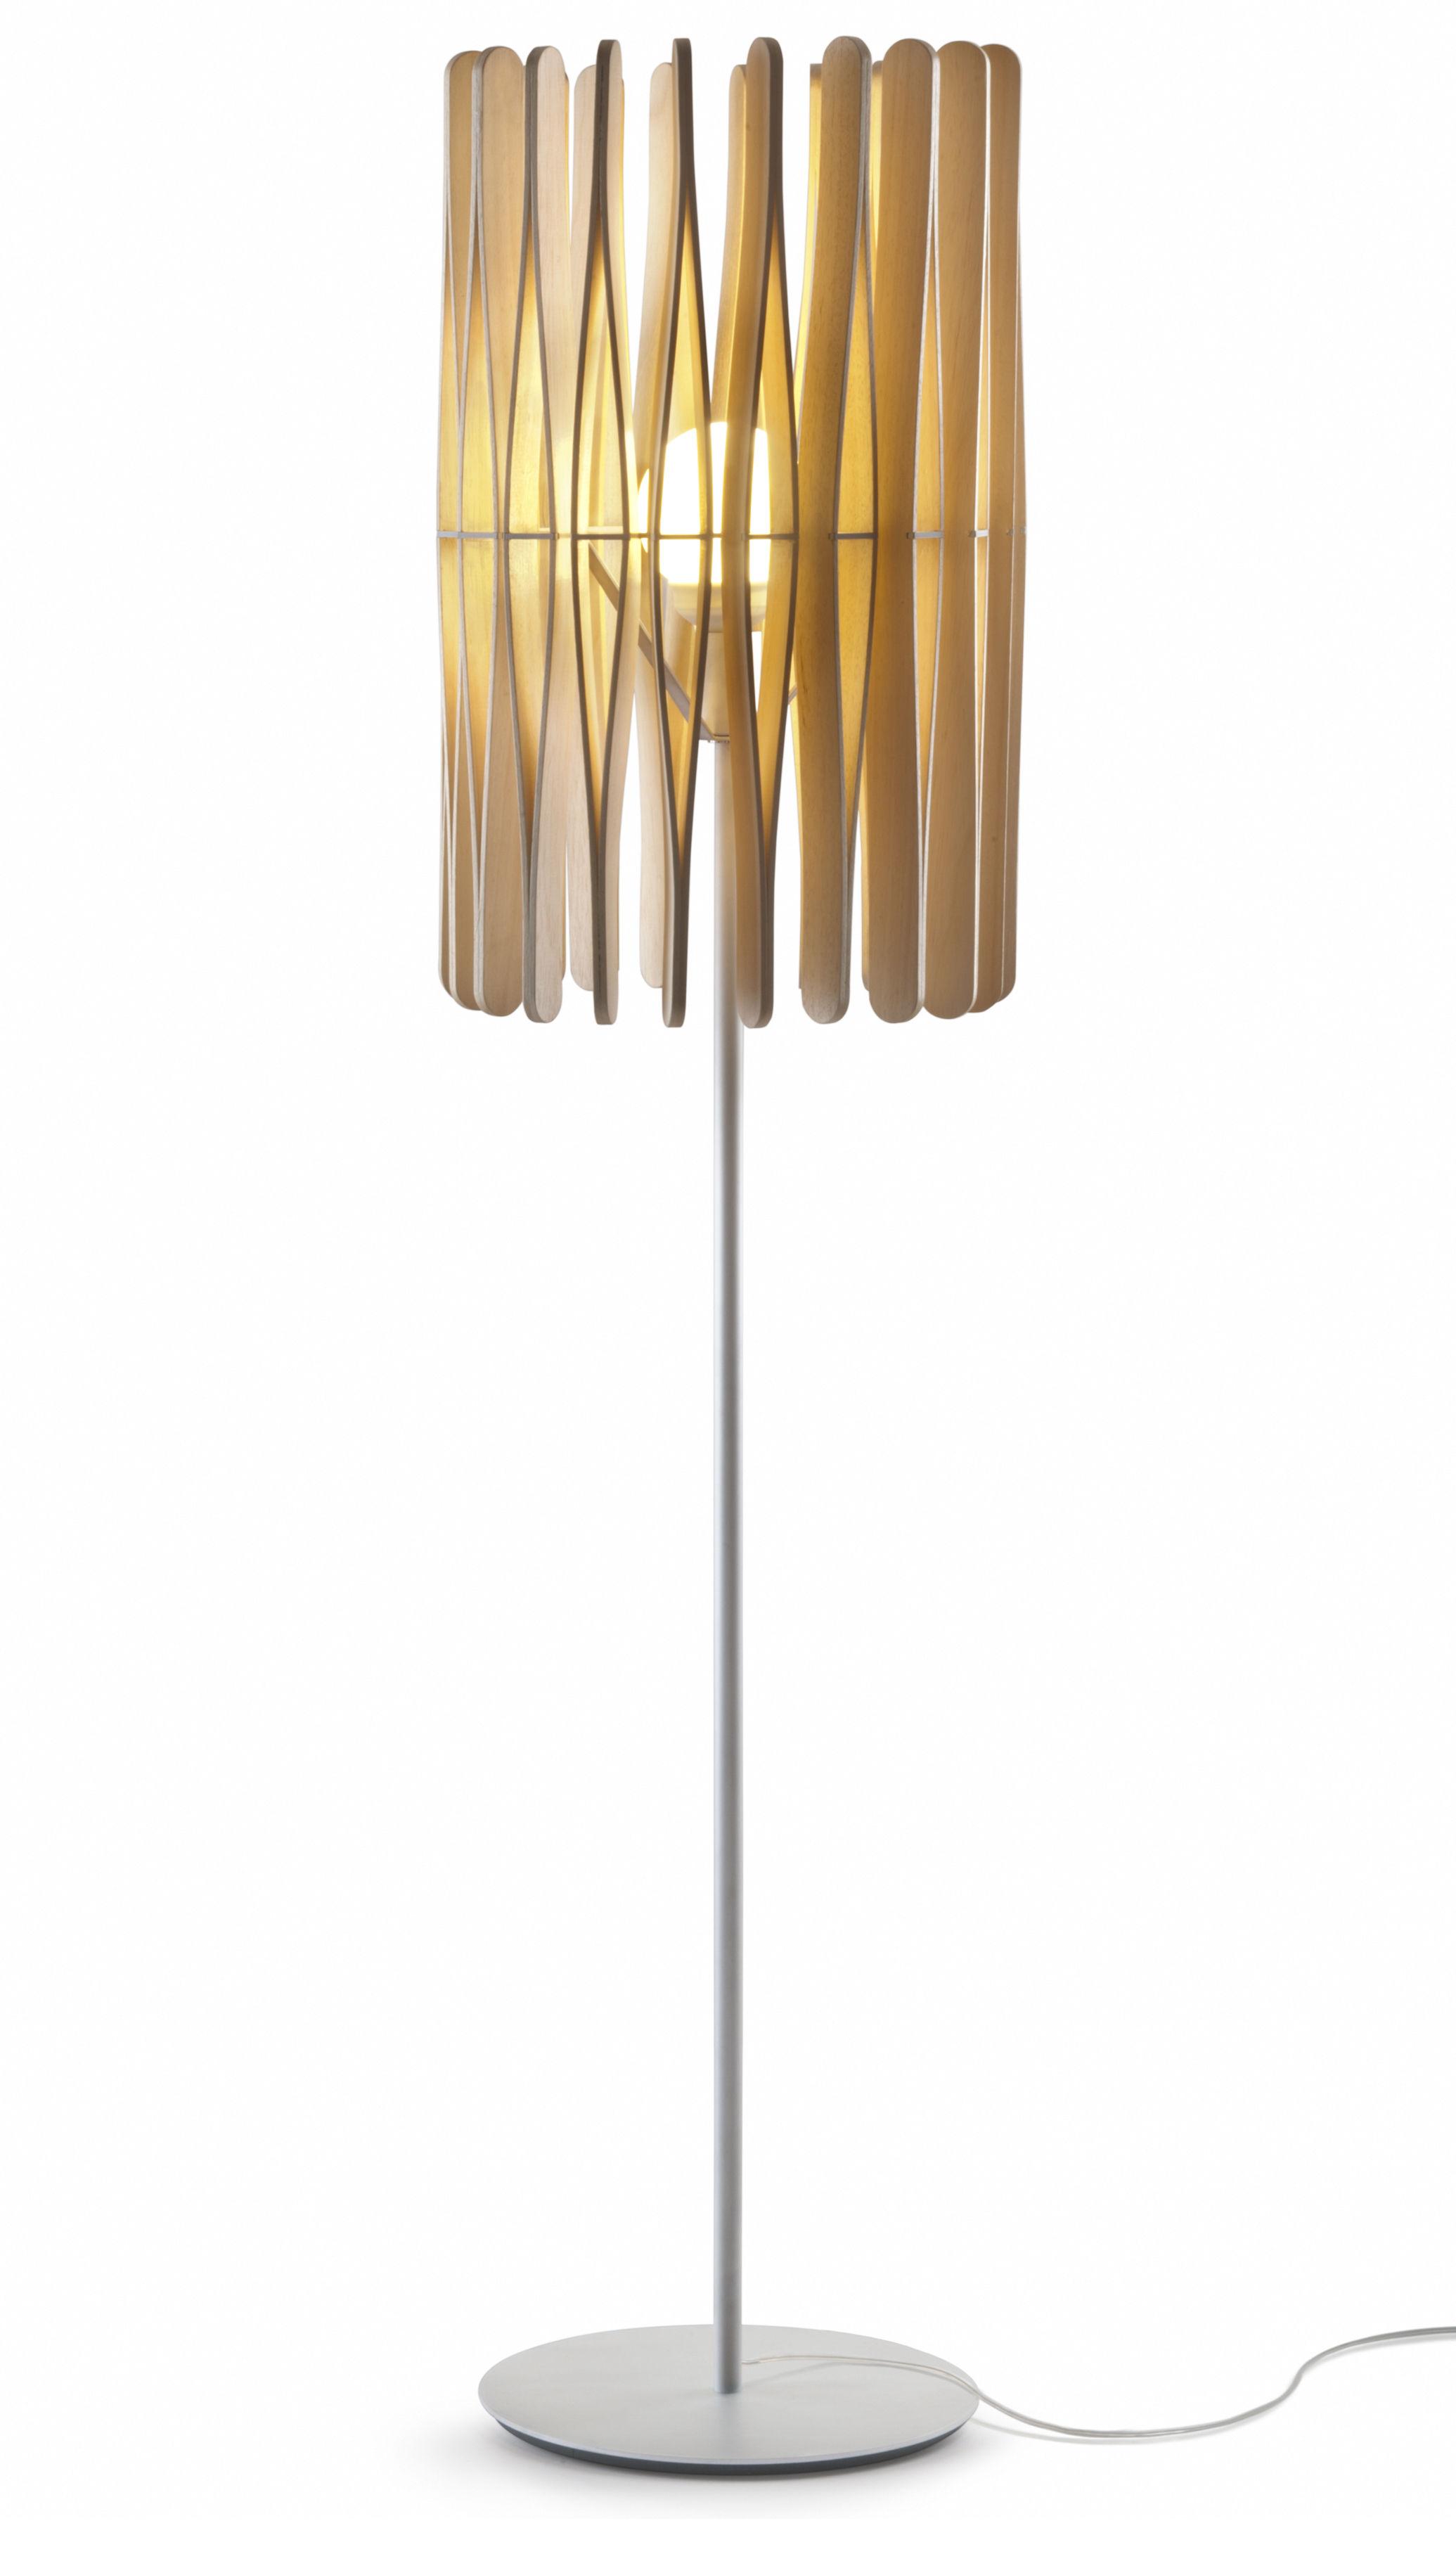 Luminaire - Lampadaires - Lampadaire Stick 01 / Abat-jour Ø 43 x H 65 cm - Fabbian - Bois clair / Modèle 1 - Bois Ayous, Métal verni